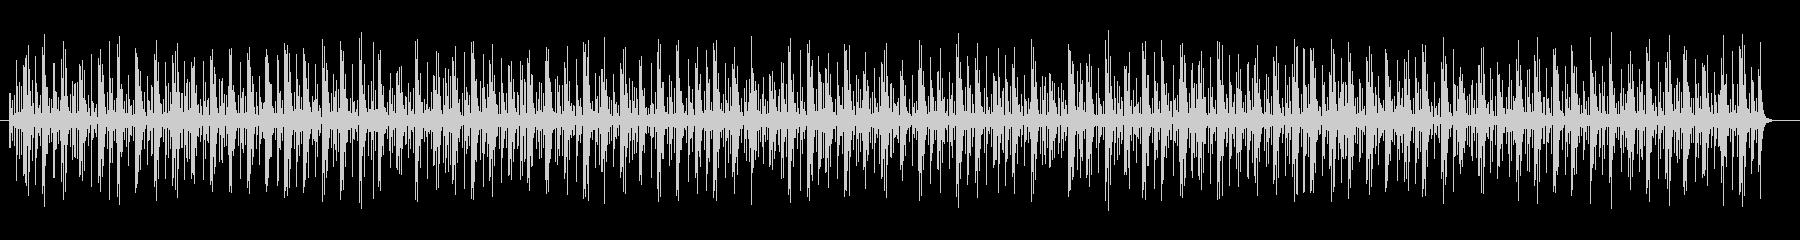 コンガのリズムBGM テンポ110ですの未再生の波形